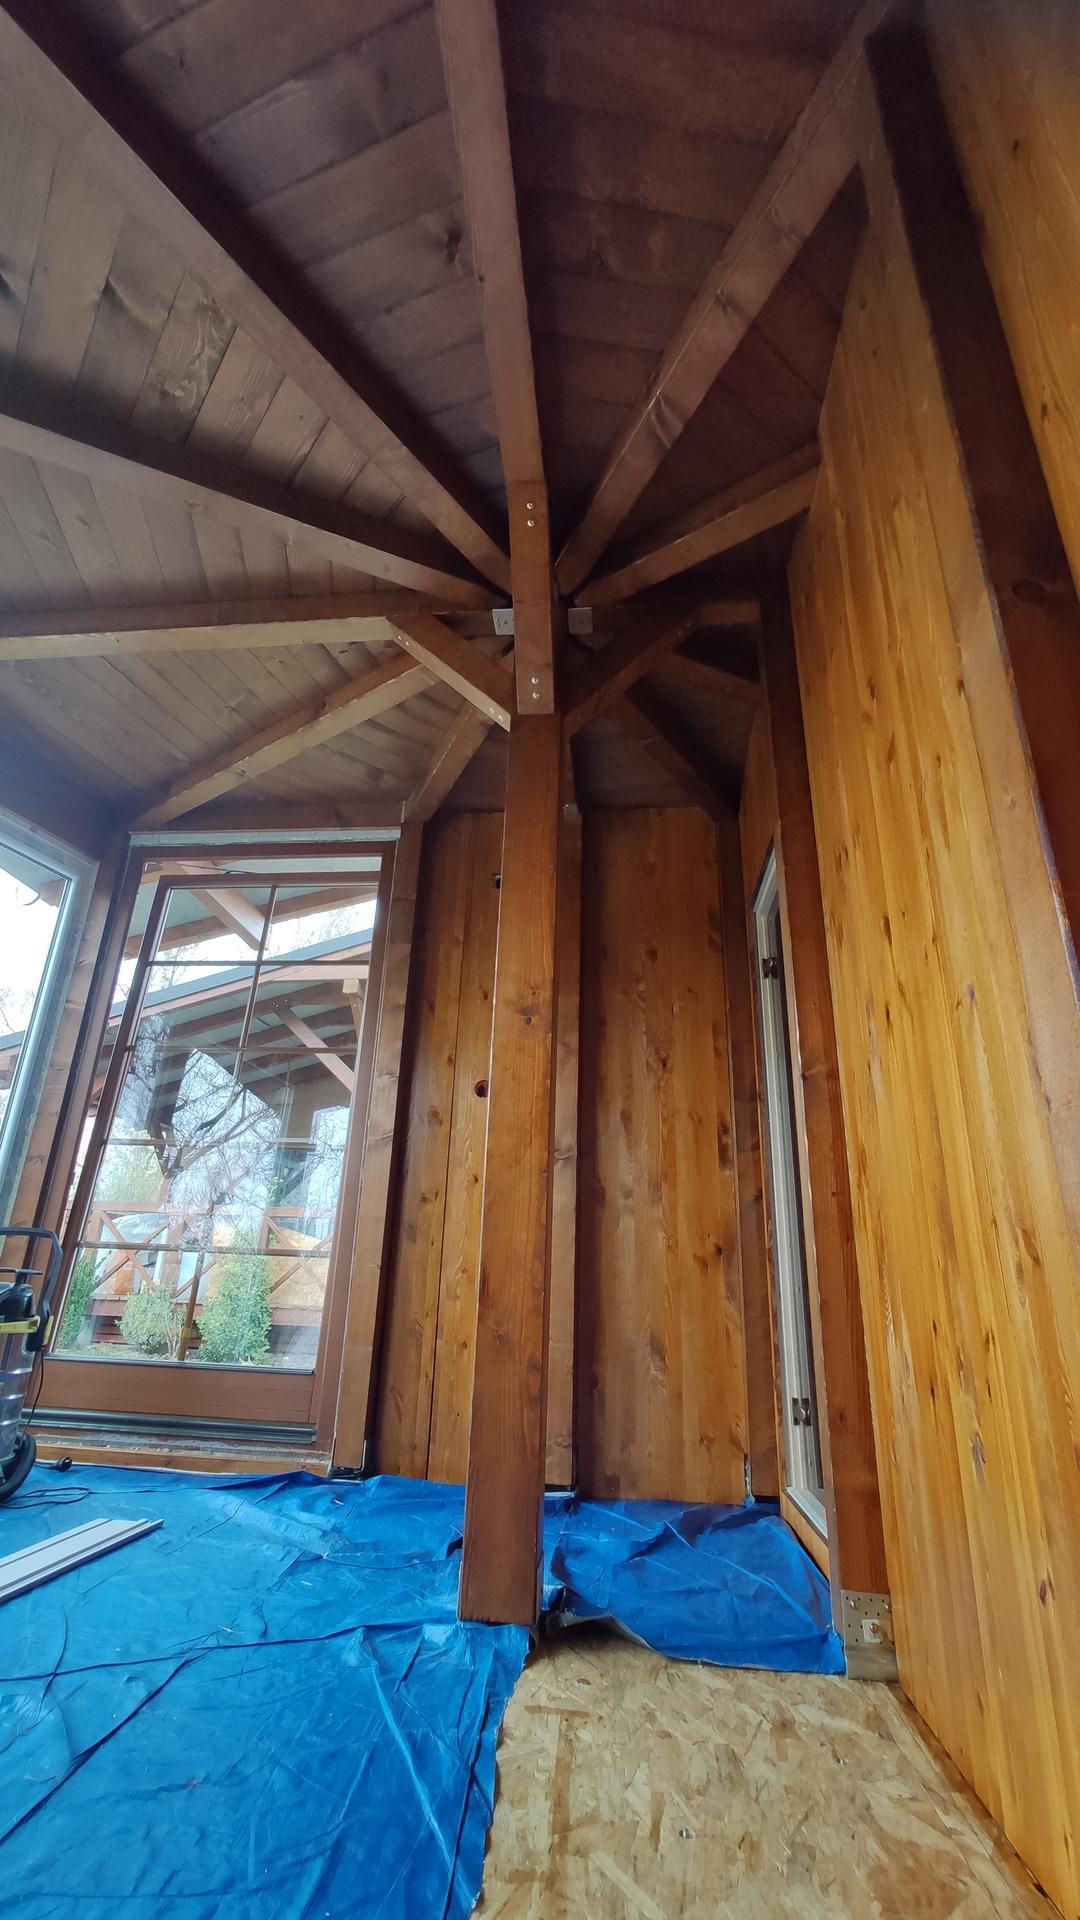 Relaxačný domček sauna a oddychová miestnosť ... plány, príprava a realizácia - Obrázok č. 102